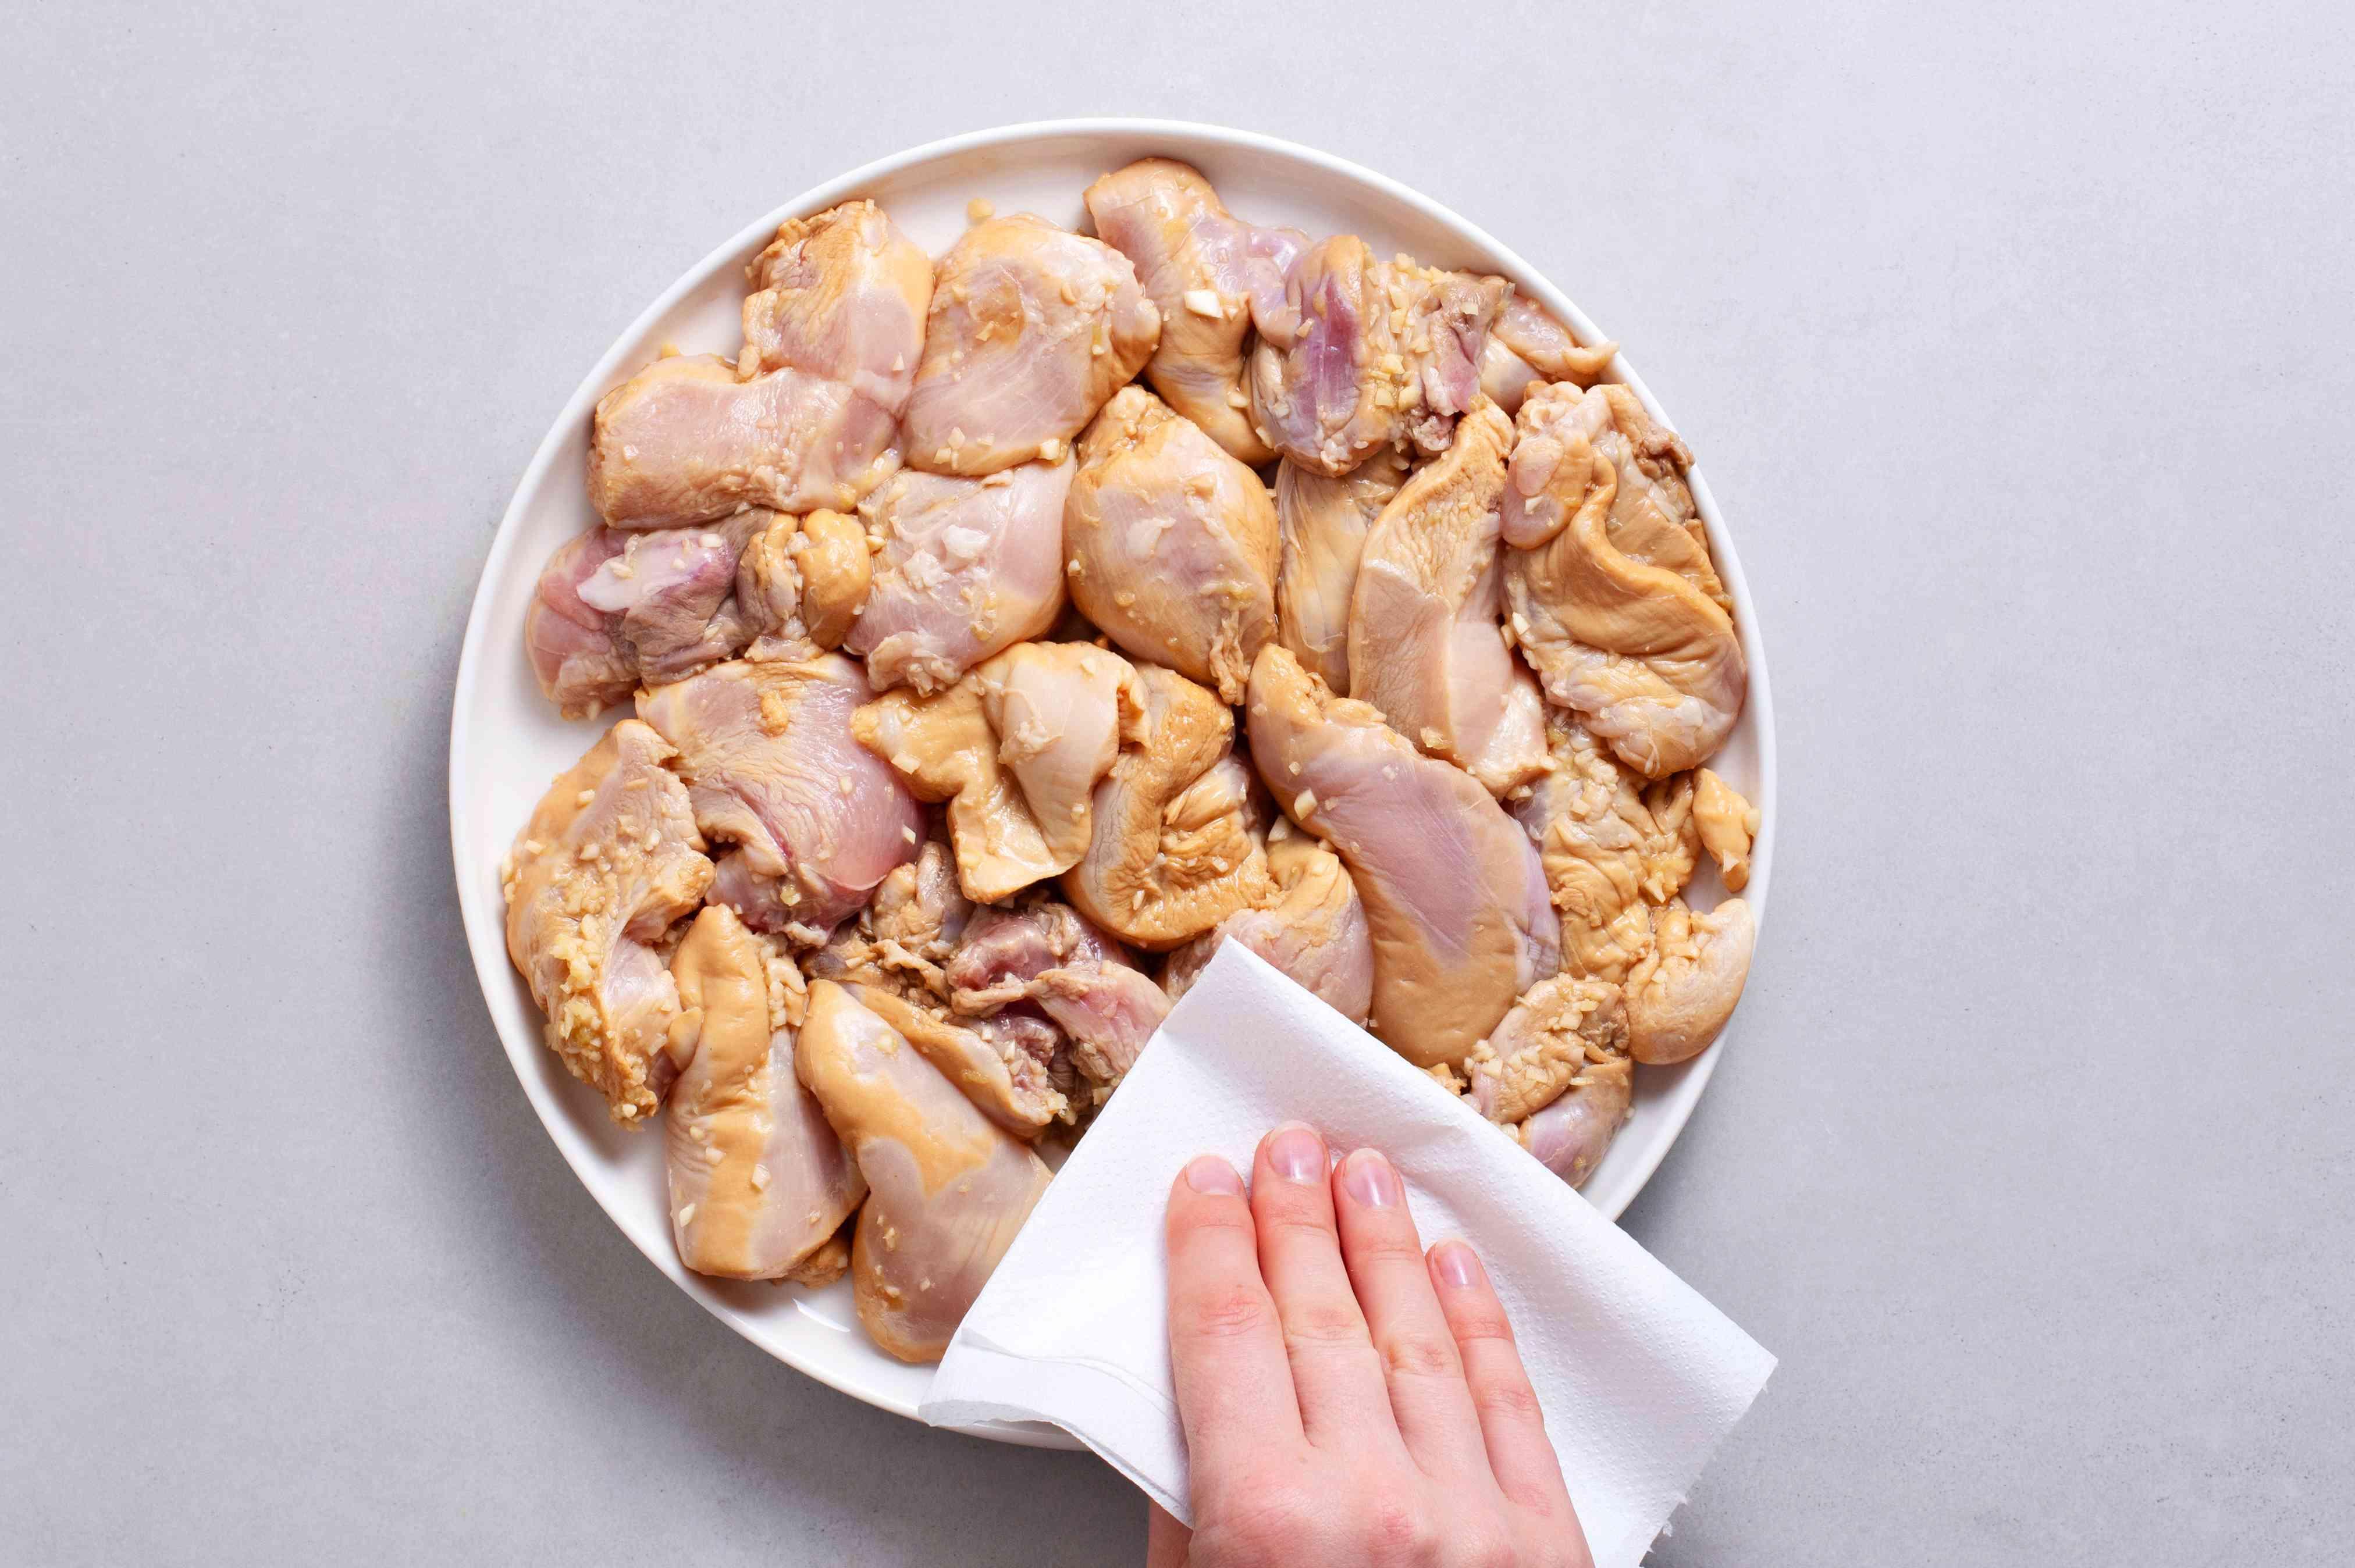 pat chicken dry